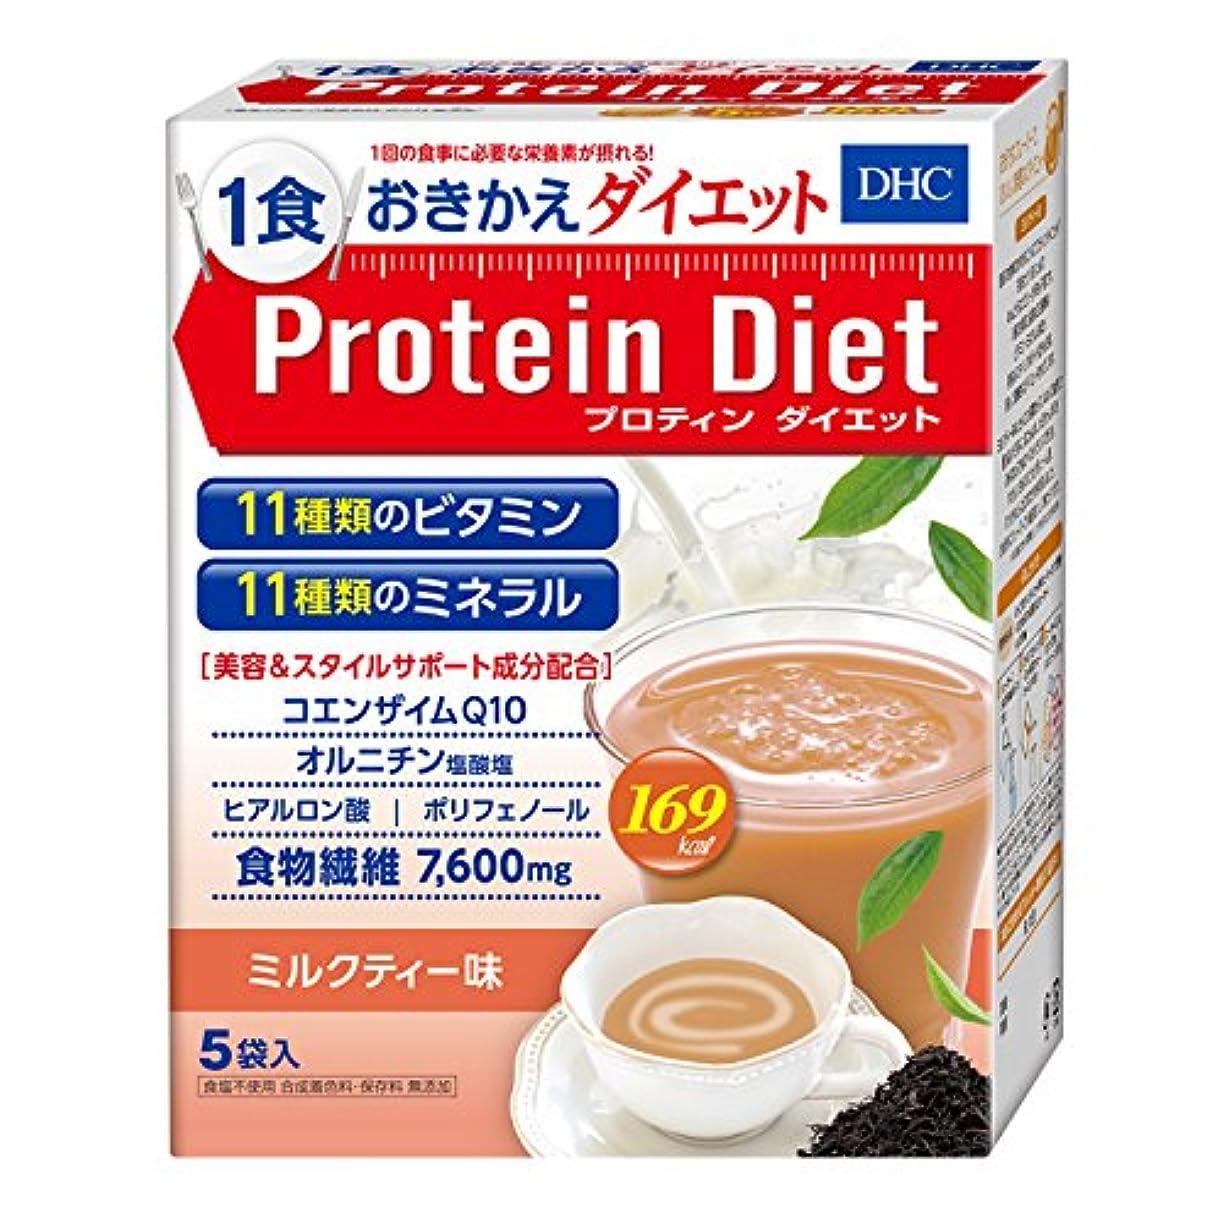 アダルトフルーツ団結するDHCプロティンダイエット(ミルクティー味)